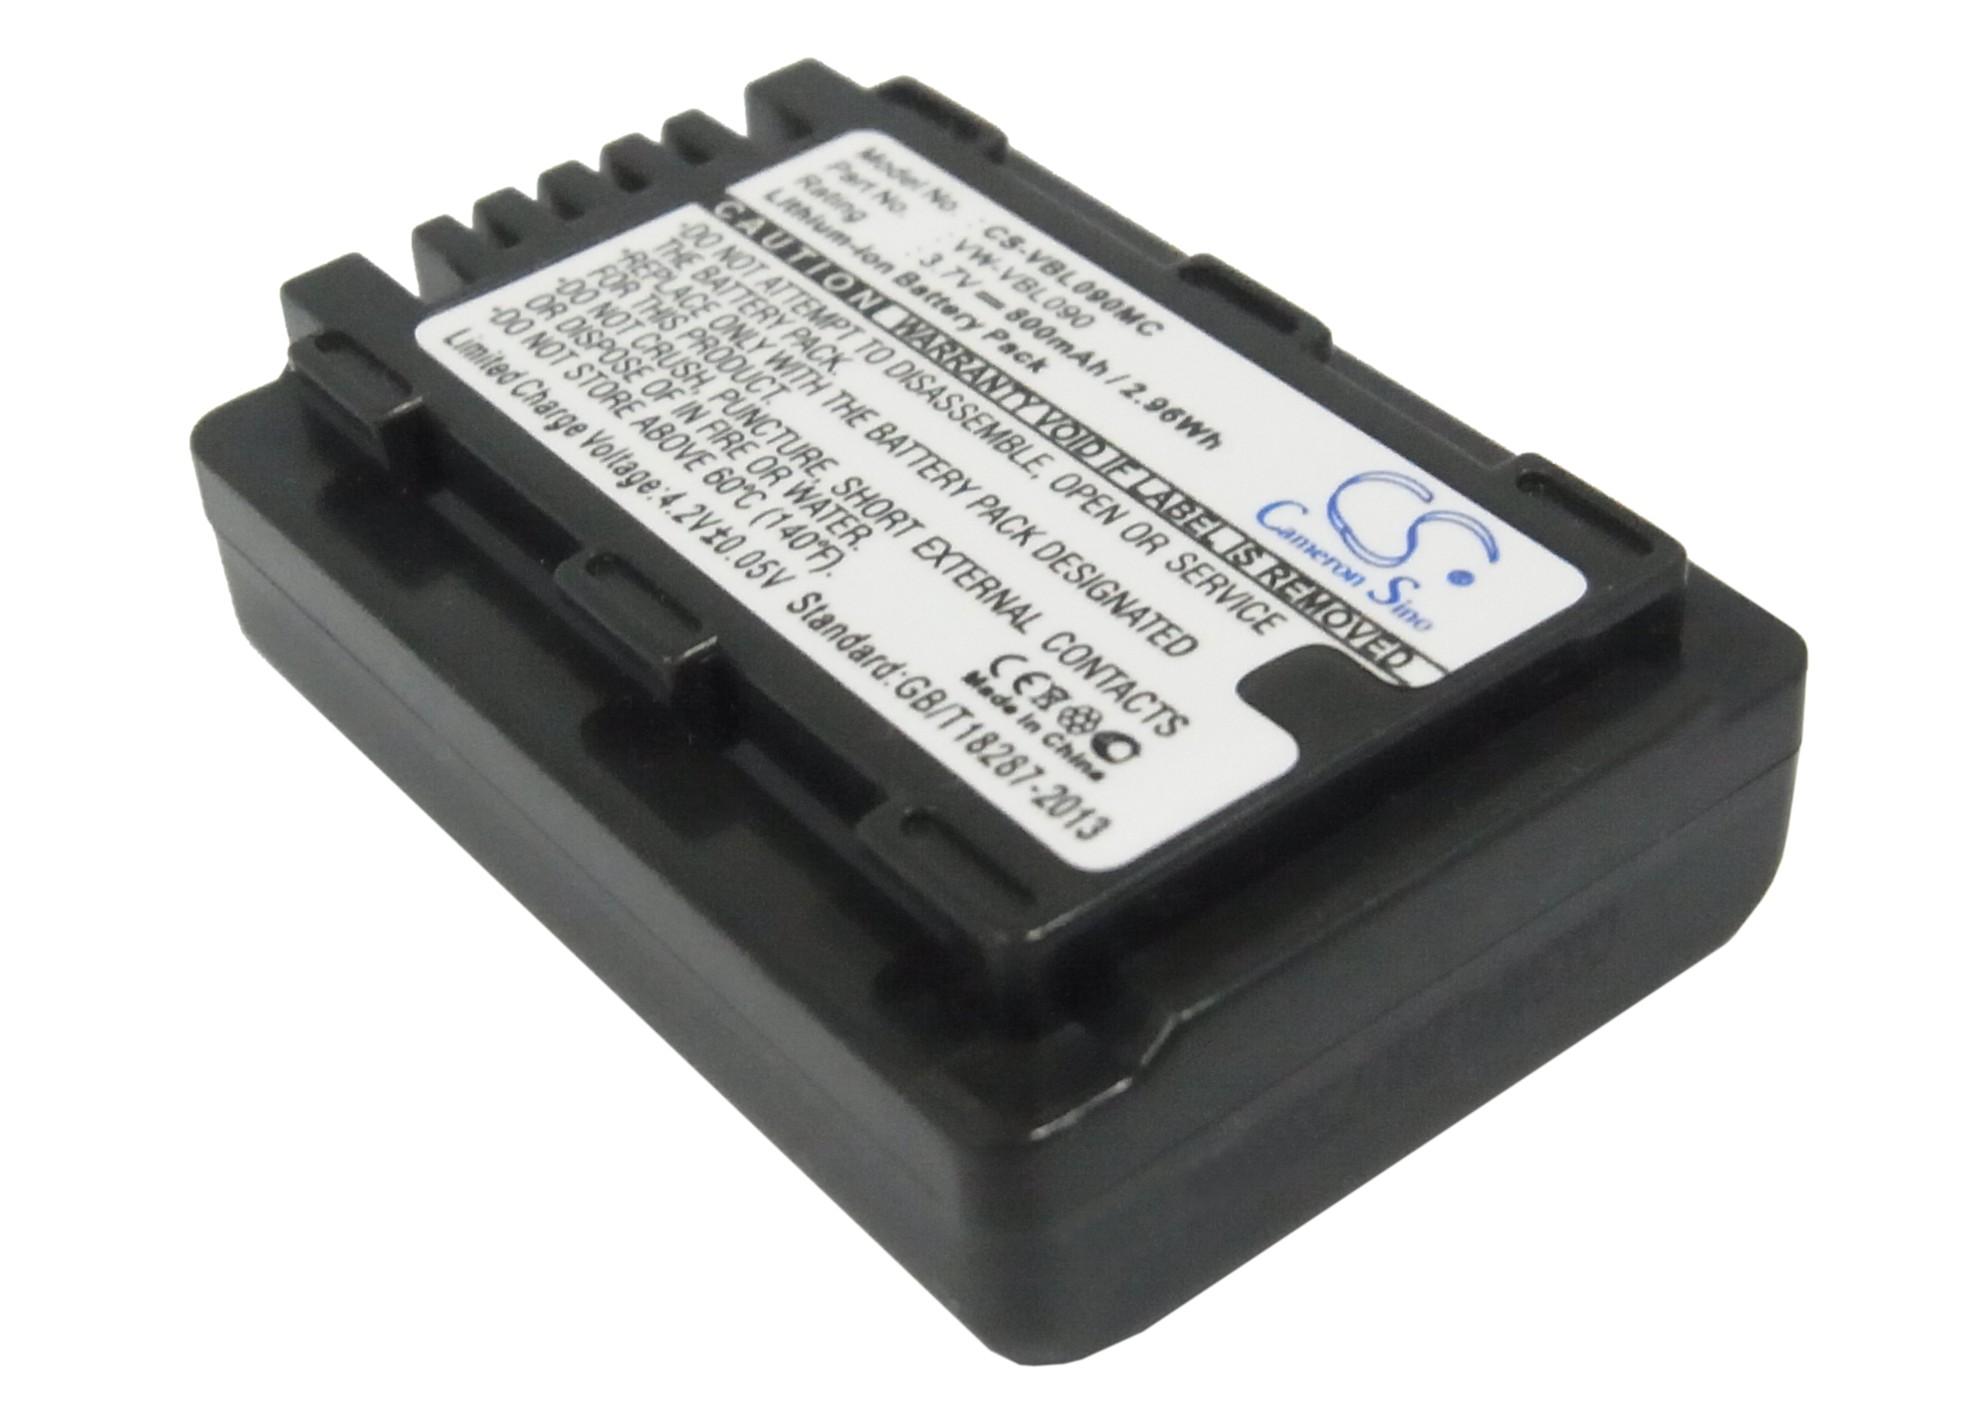 Cameron Sino baterie do kamer a fotoaparátů pro PANASONIC HDC-SD60 3.7V Li-ion 800mAh černá - neoriginální